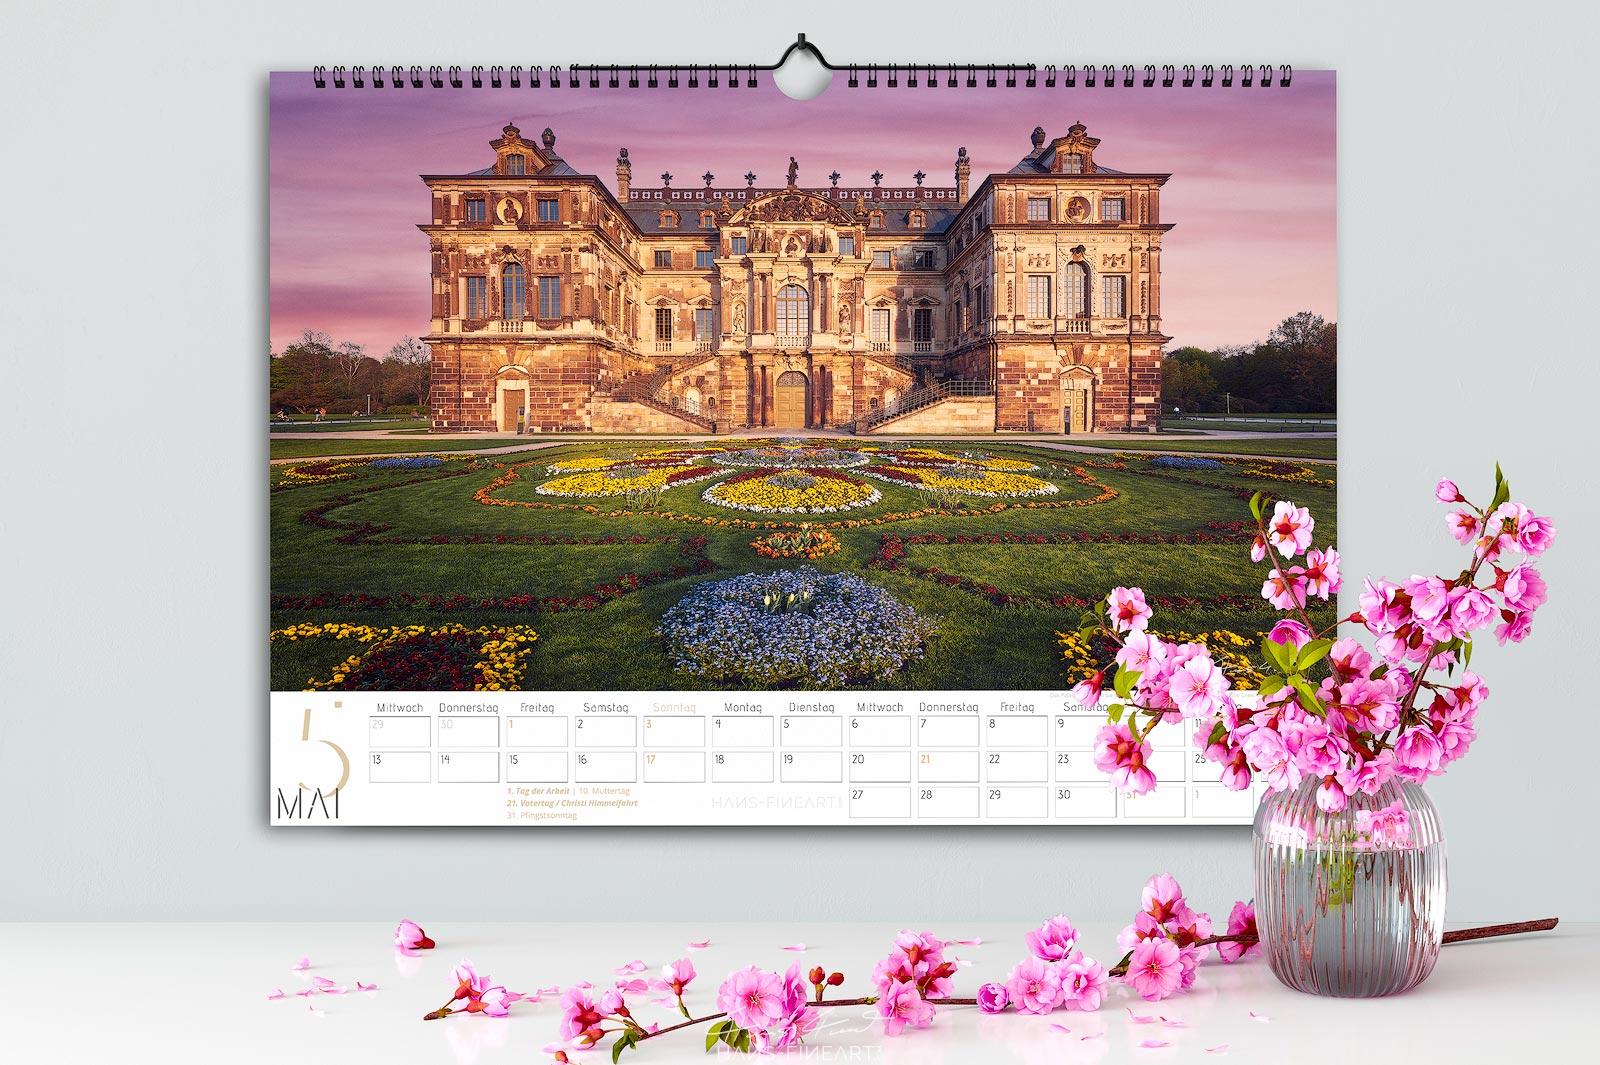 Monatsbild Mai vom Wandkalender Dresden Im Wandel der Jahreszeiten 2020. Palais im Großen Garten